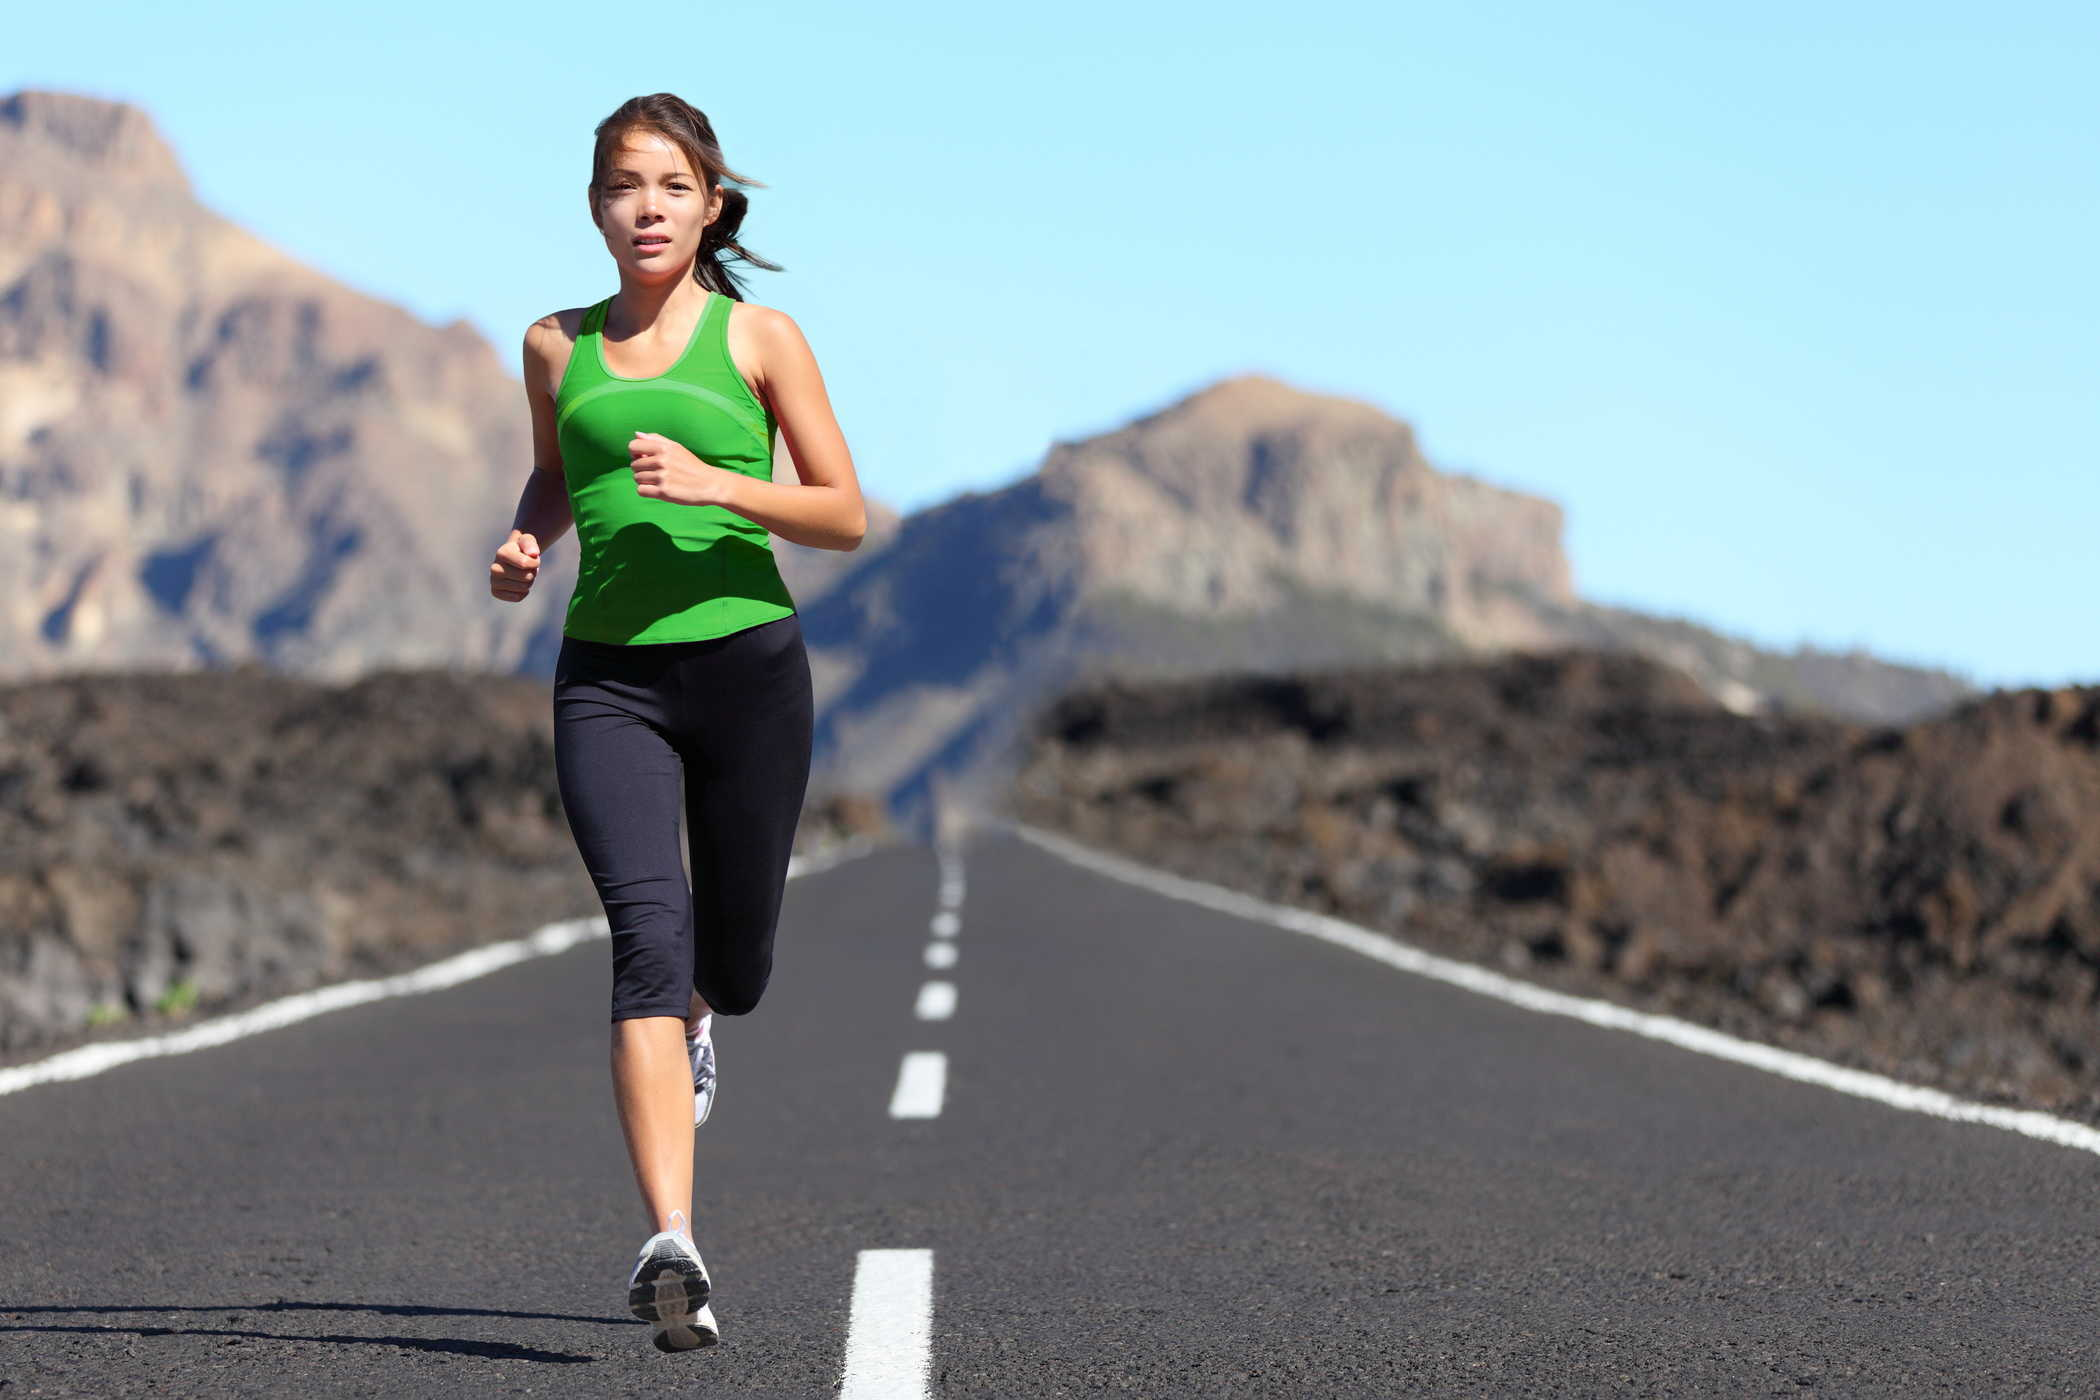 Tăng cường thể dục thường xuyên, giữ cân nặng ổn định